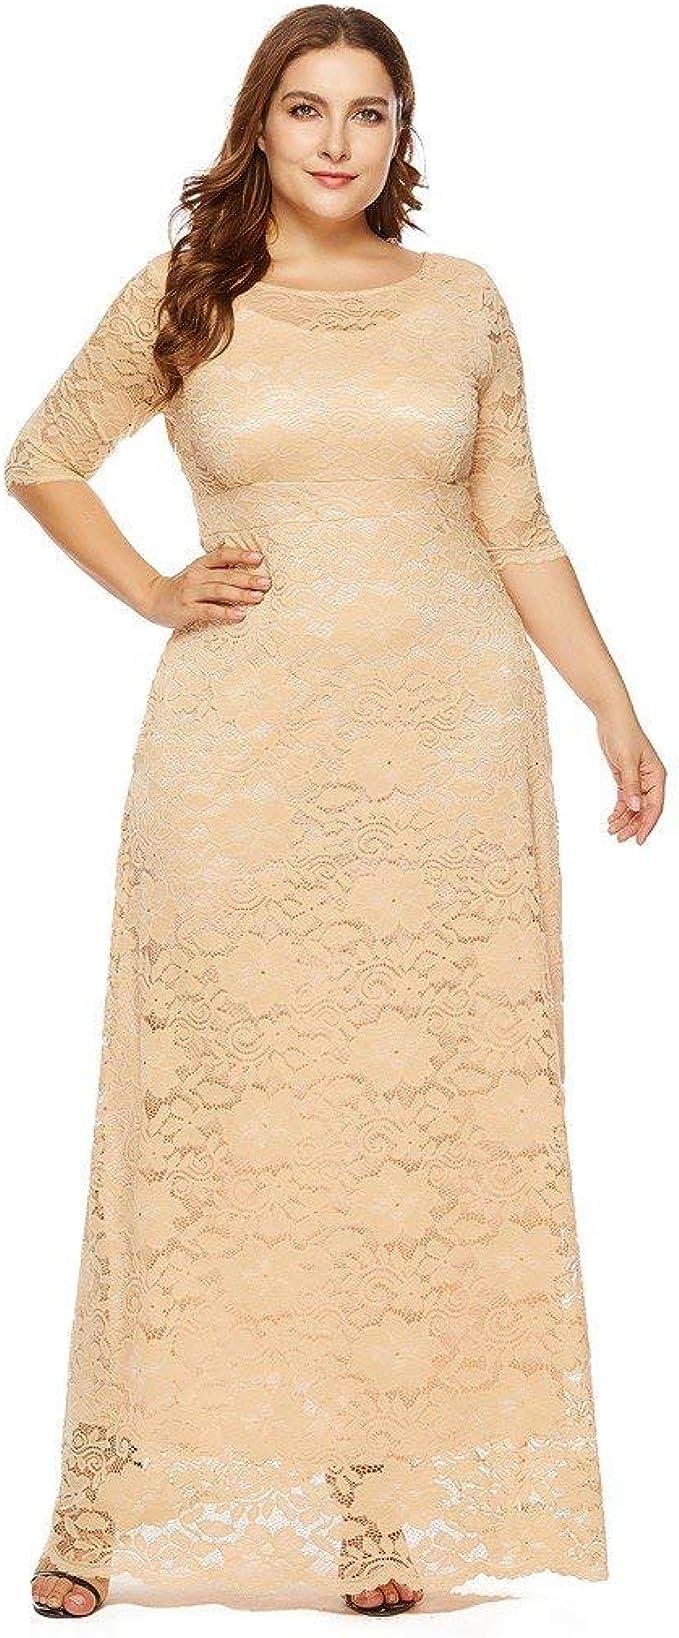 Damen Kleider in Übergrößen Vintage Blumen Spitzen Swing-Kleid Oversize  Formal Abendkleider Rundhals Partykleid Swing-Kleid Cocktailkleid Elegant